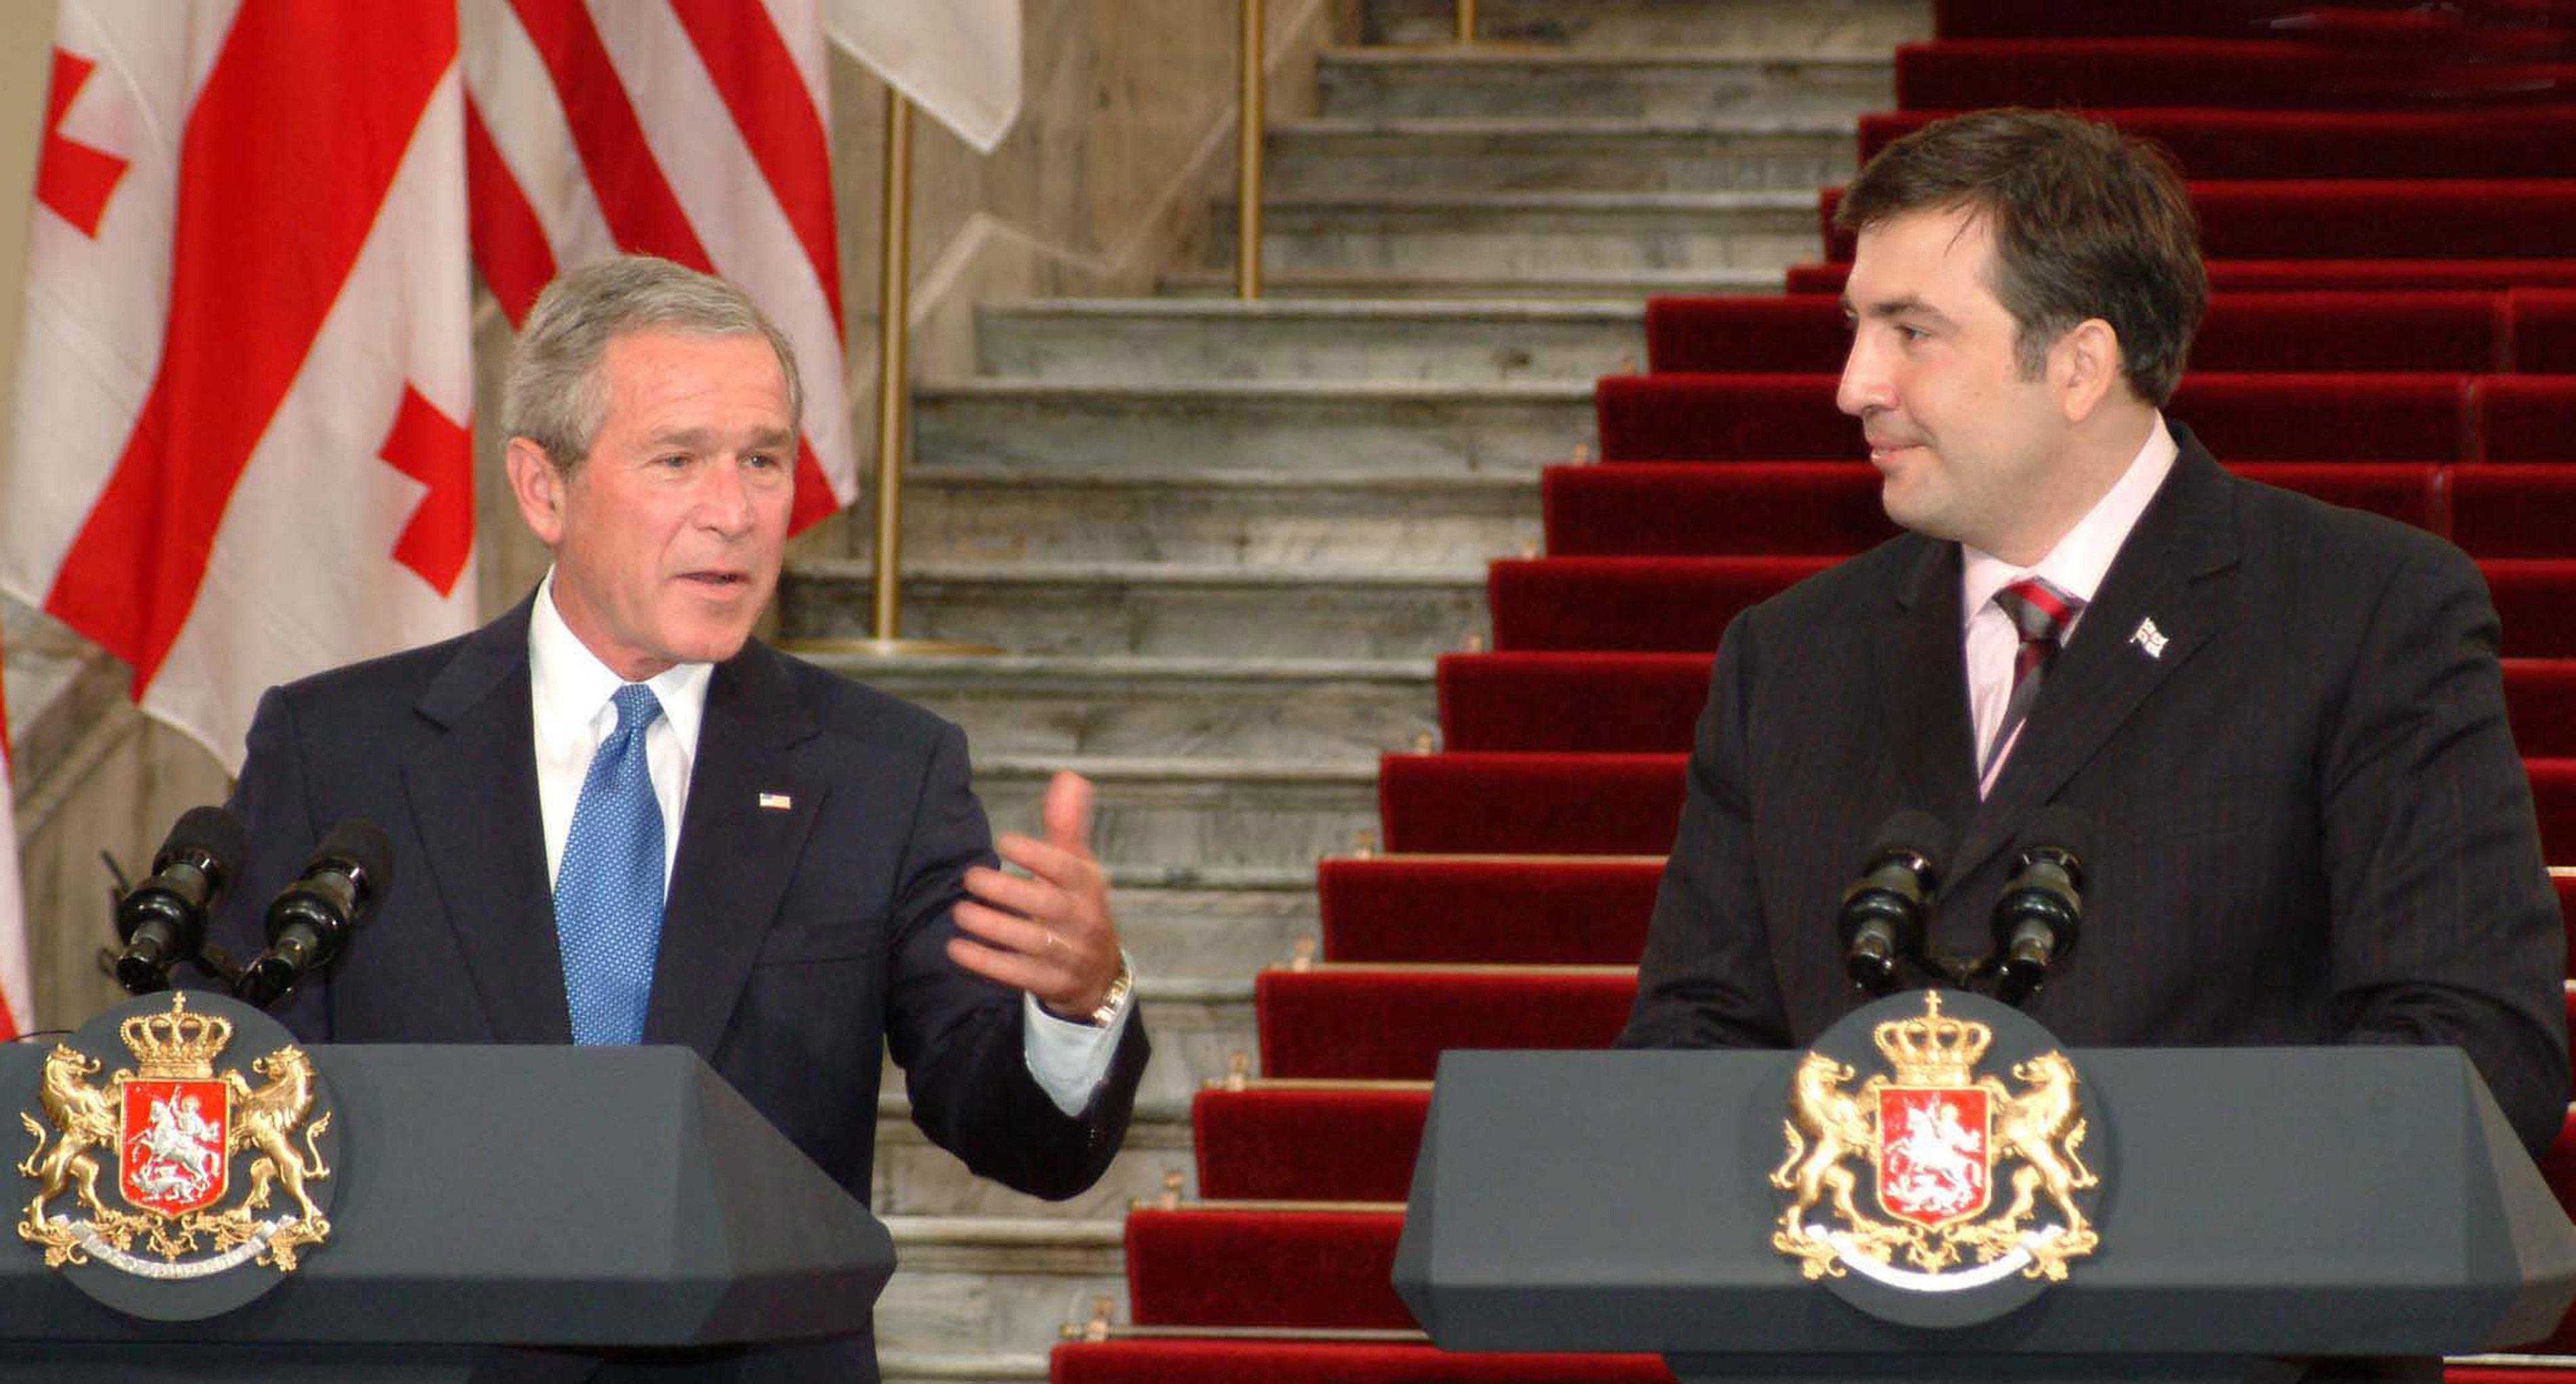 Президенты США Джордж Буш и Грузии Михаил Саакашвили (слева направо) во время визита Джорджа Буша в Грузию